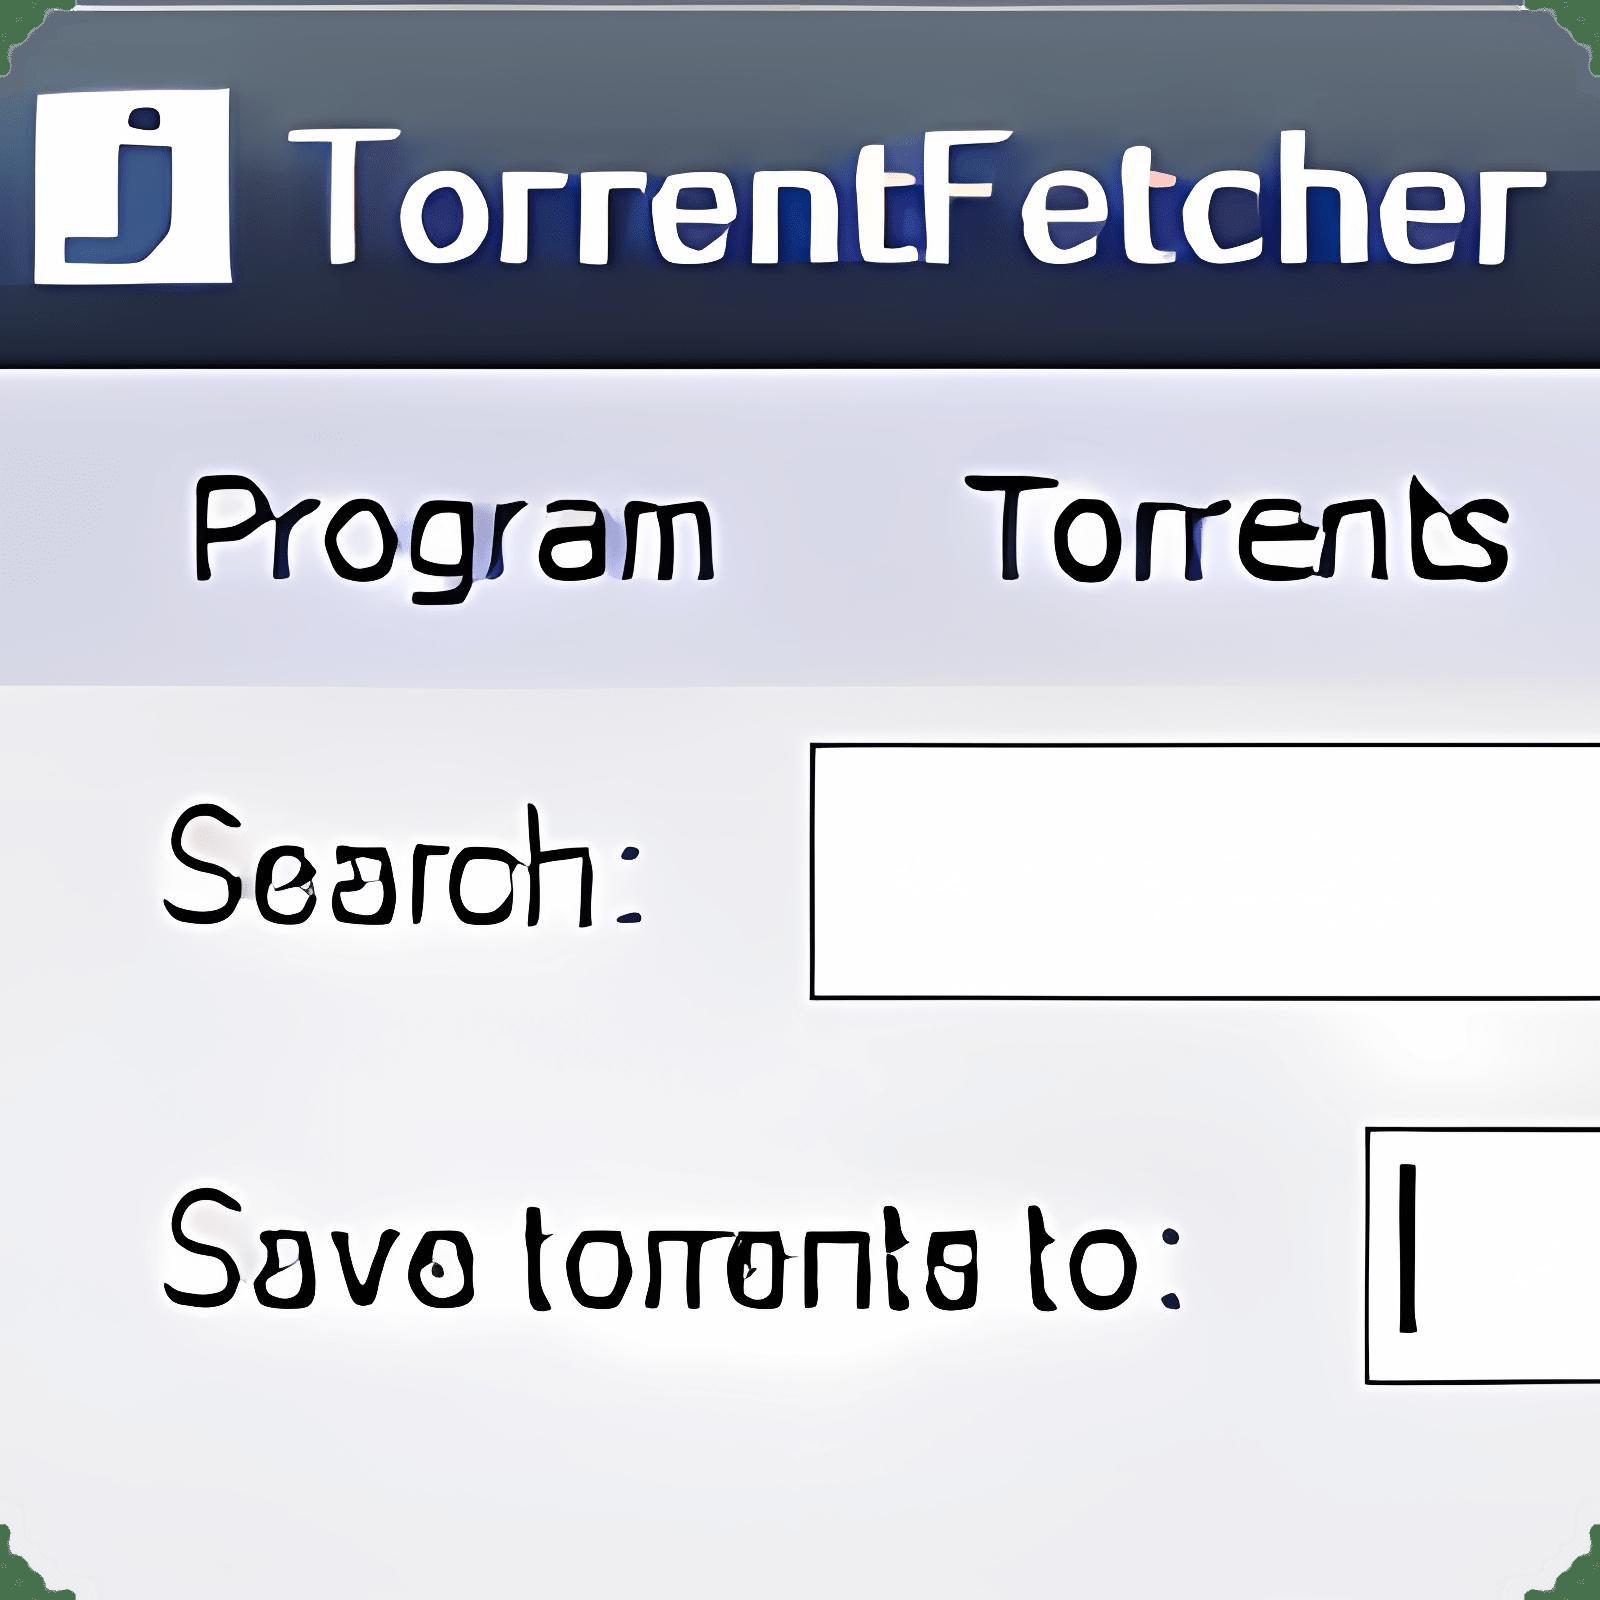 TorrentFetcher